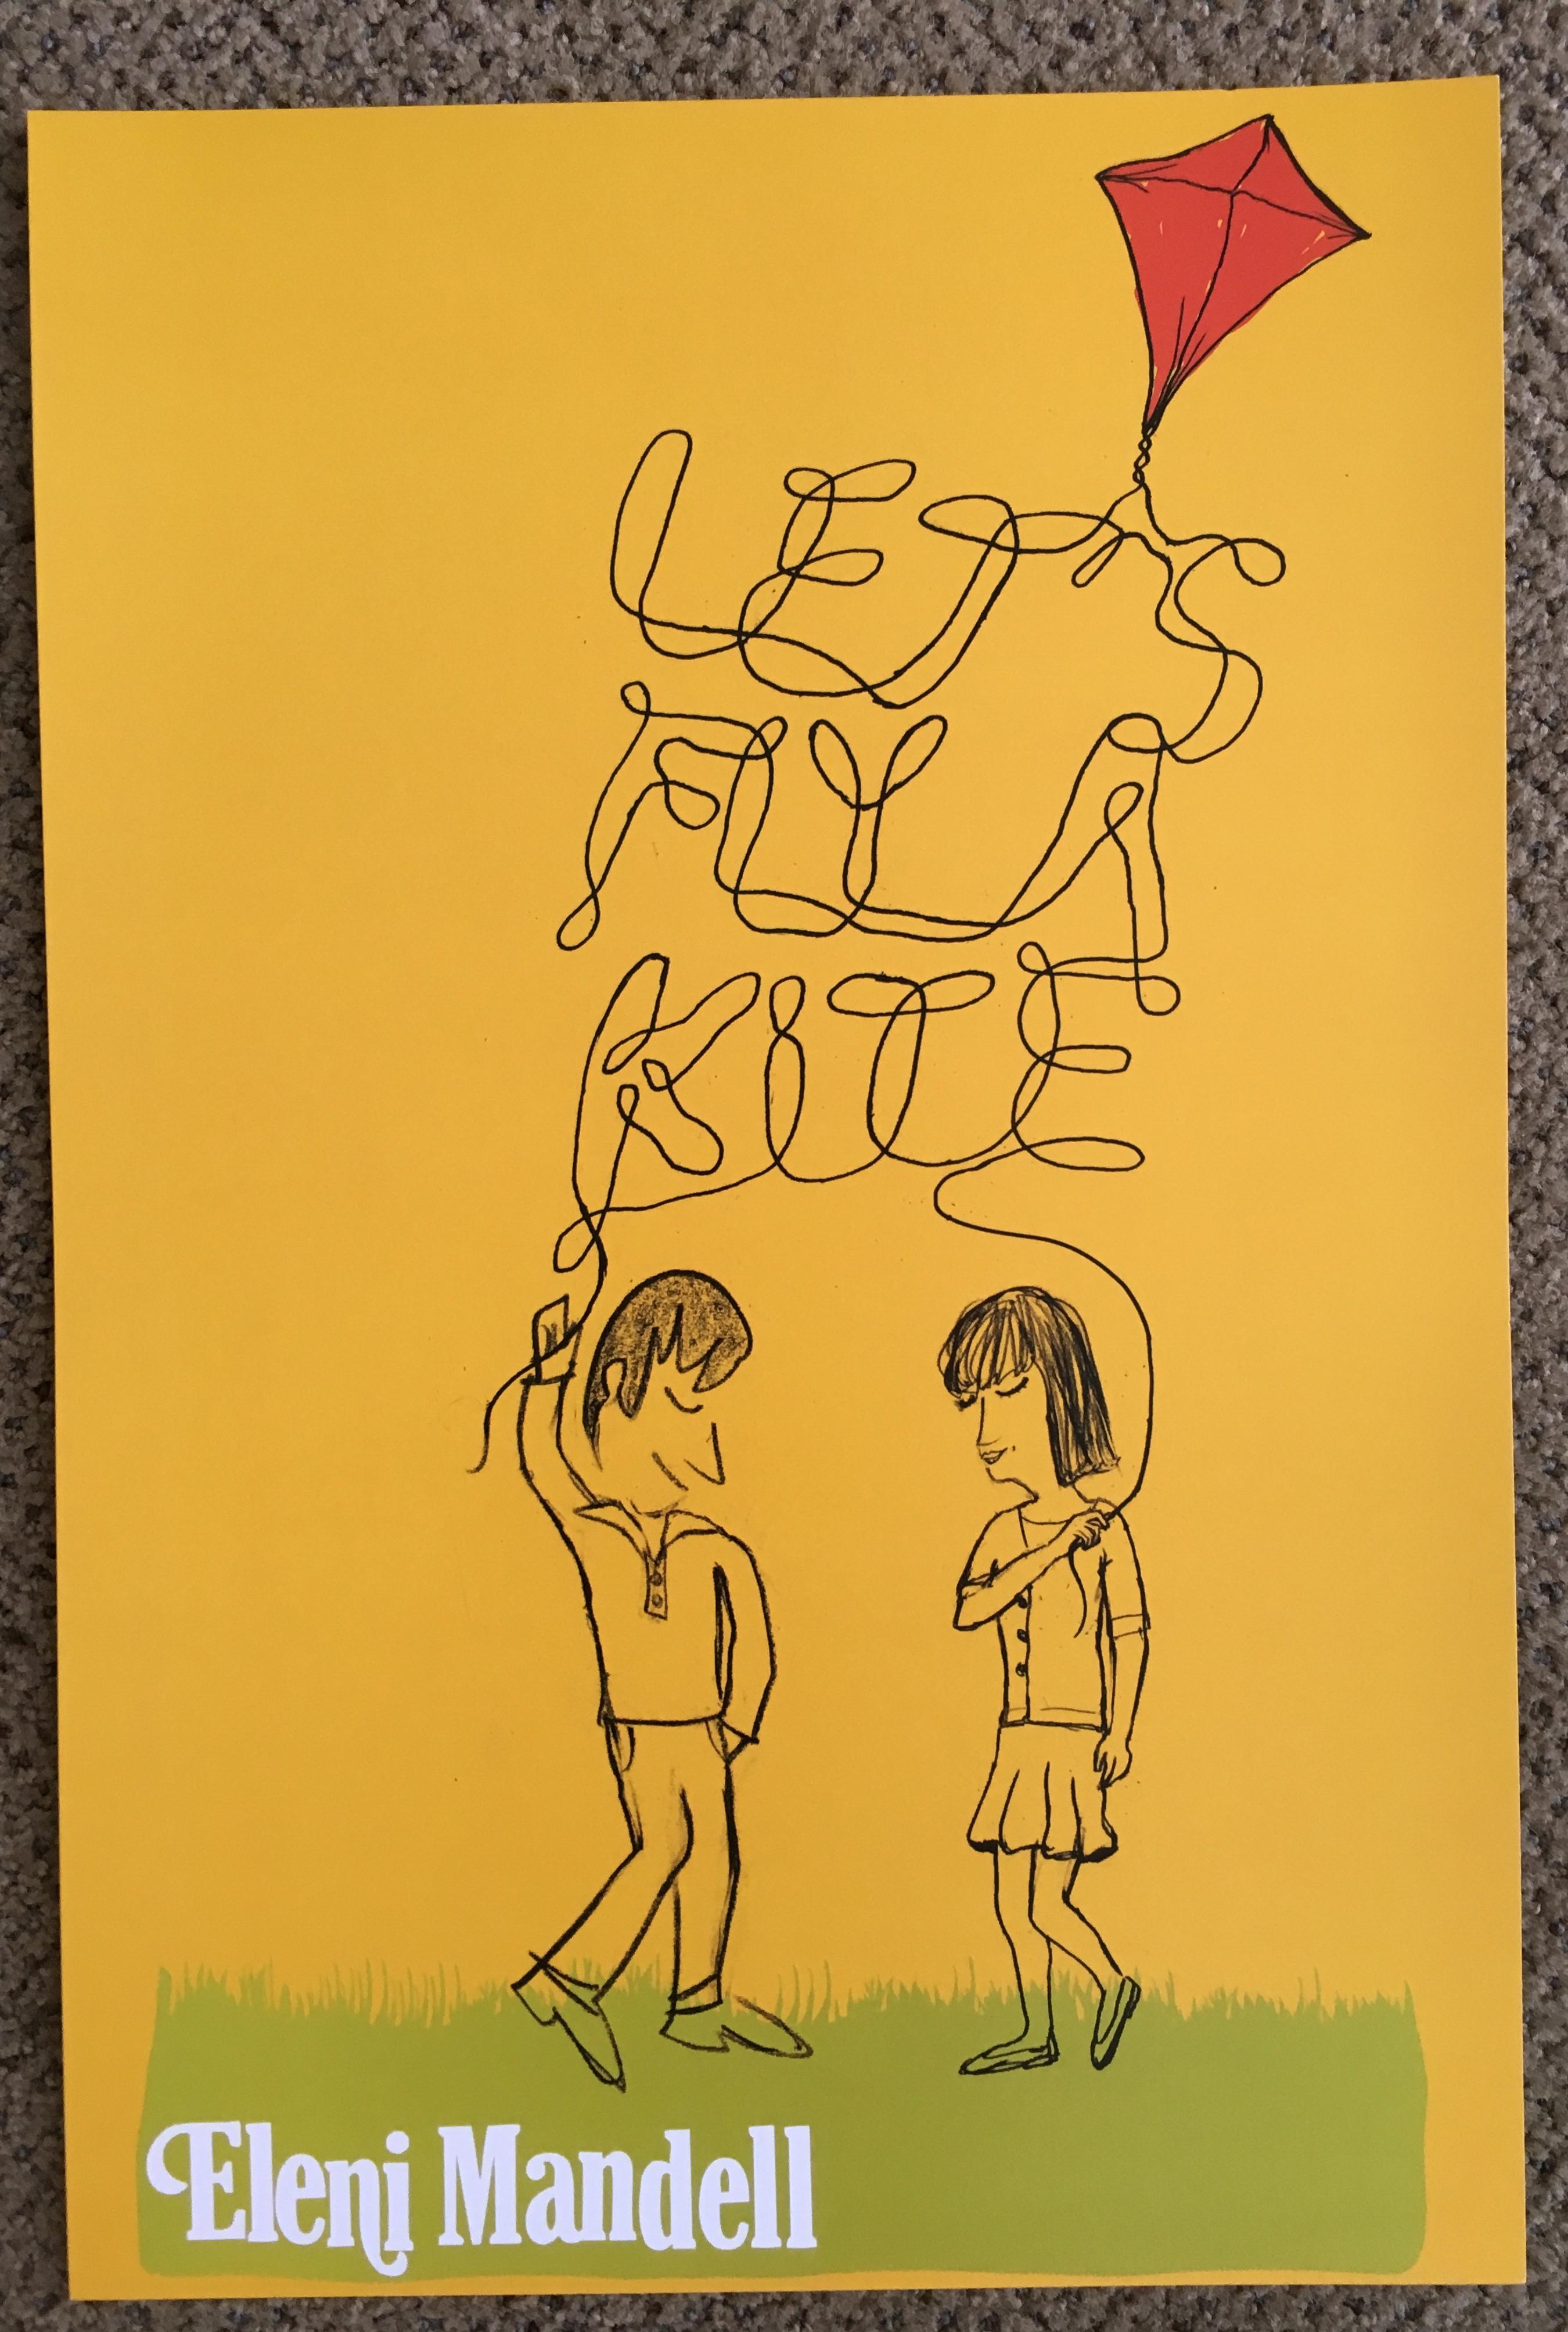 Eleni Mandell - Let's Fly a Kite - Poster